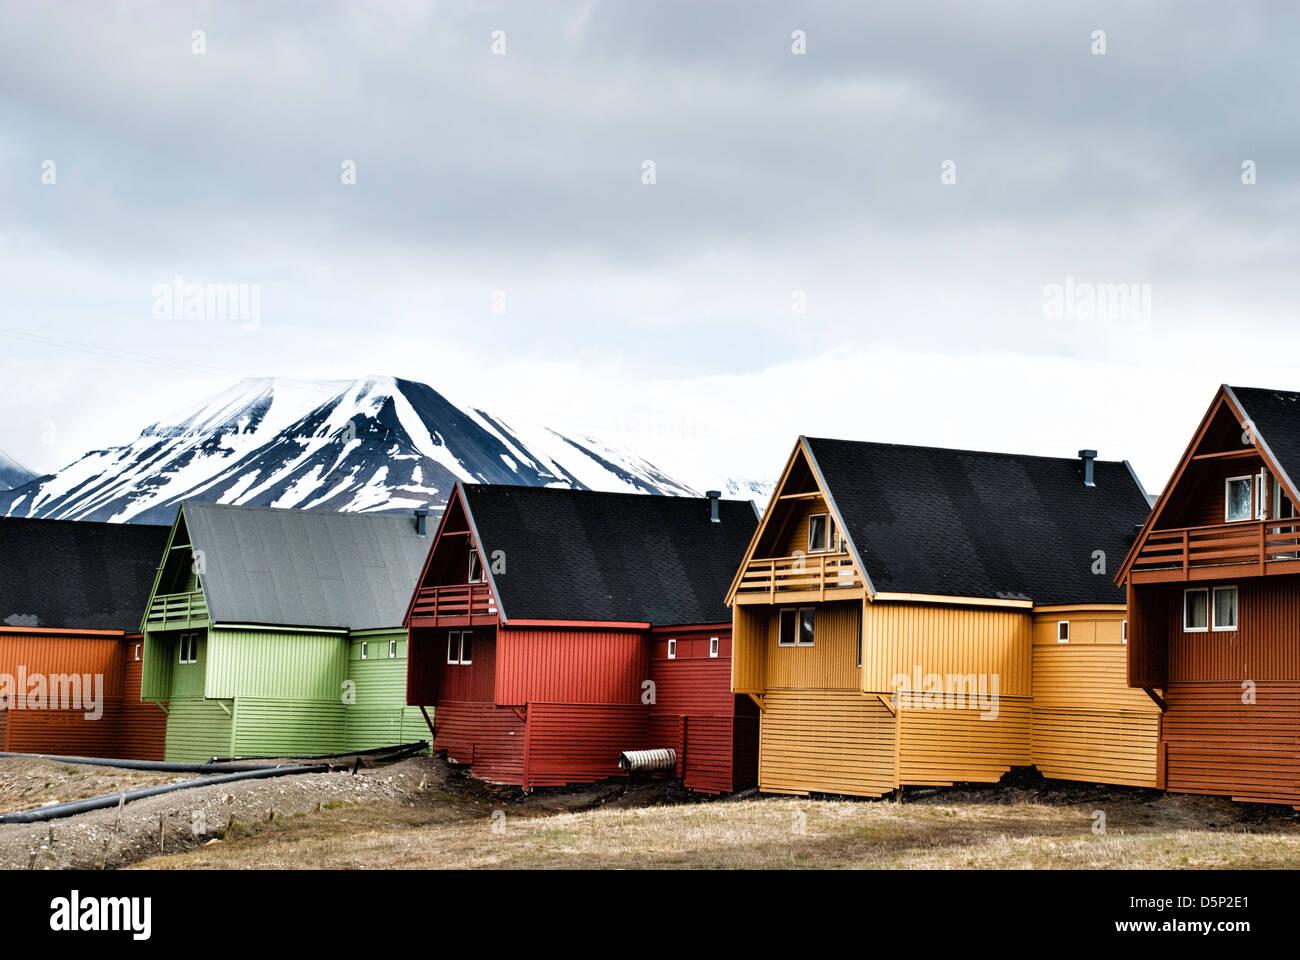 Coloridas casas en la ciudad de Longyearbyen Spitsbergen, en el archipiélago de Svalbard, Noruega Imagen De Stock